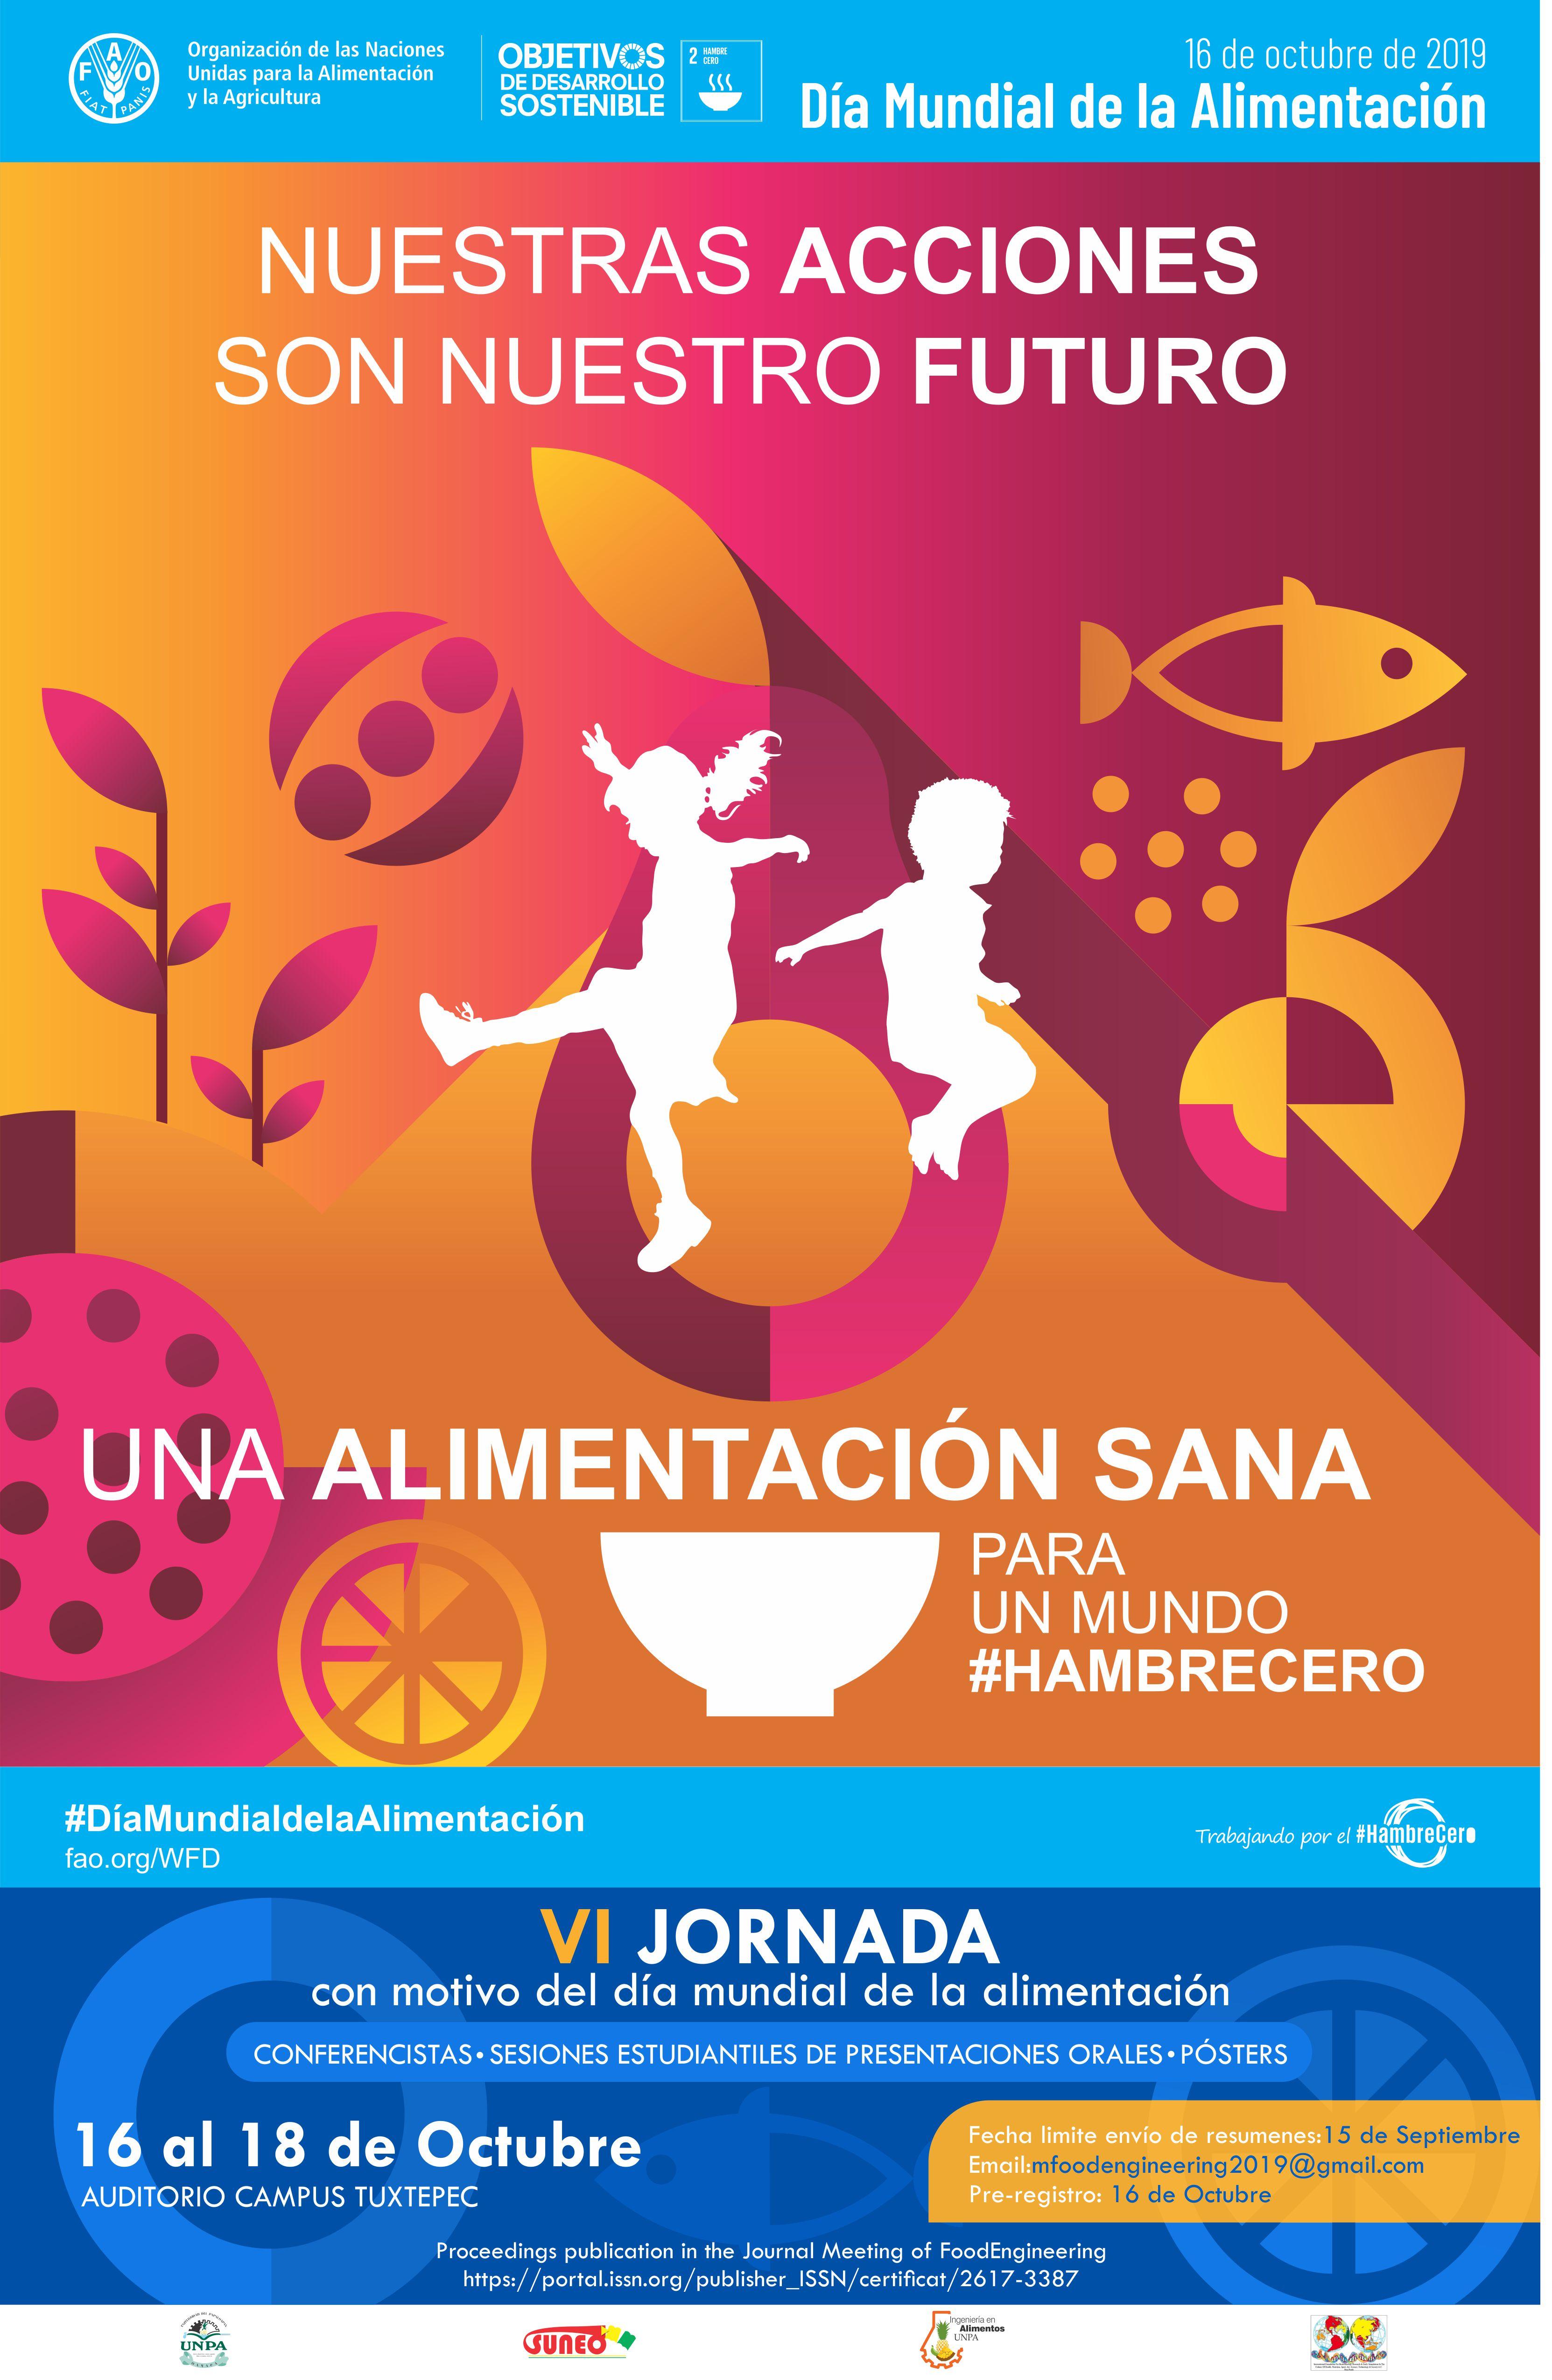 Iv Jornada Con Motivo Del Dia Mundial De La Alimentacion Sociedad Mexicana De Biotecnologia Y Bioingenieria